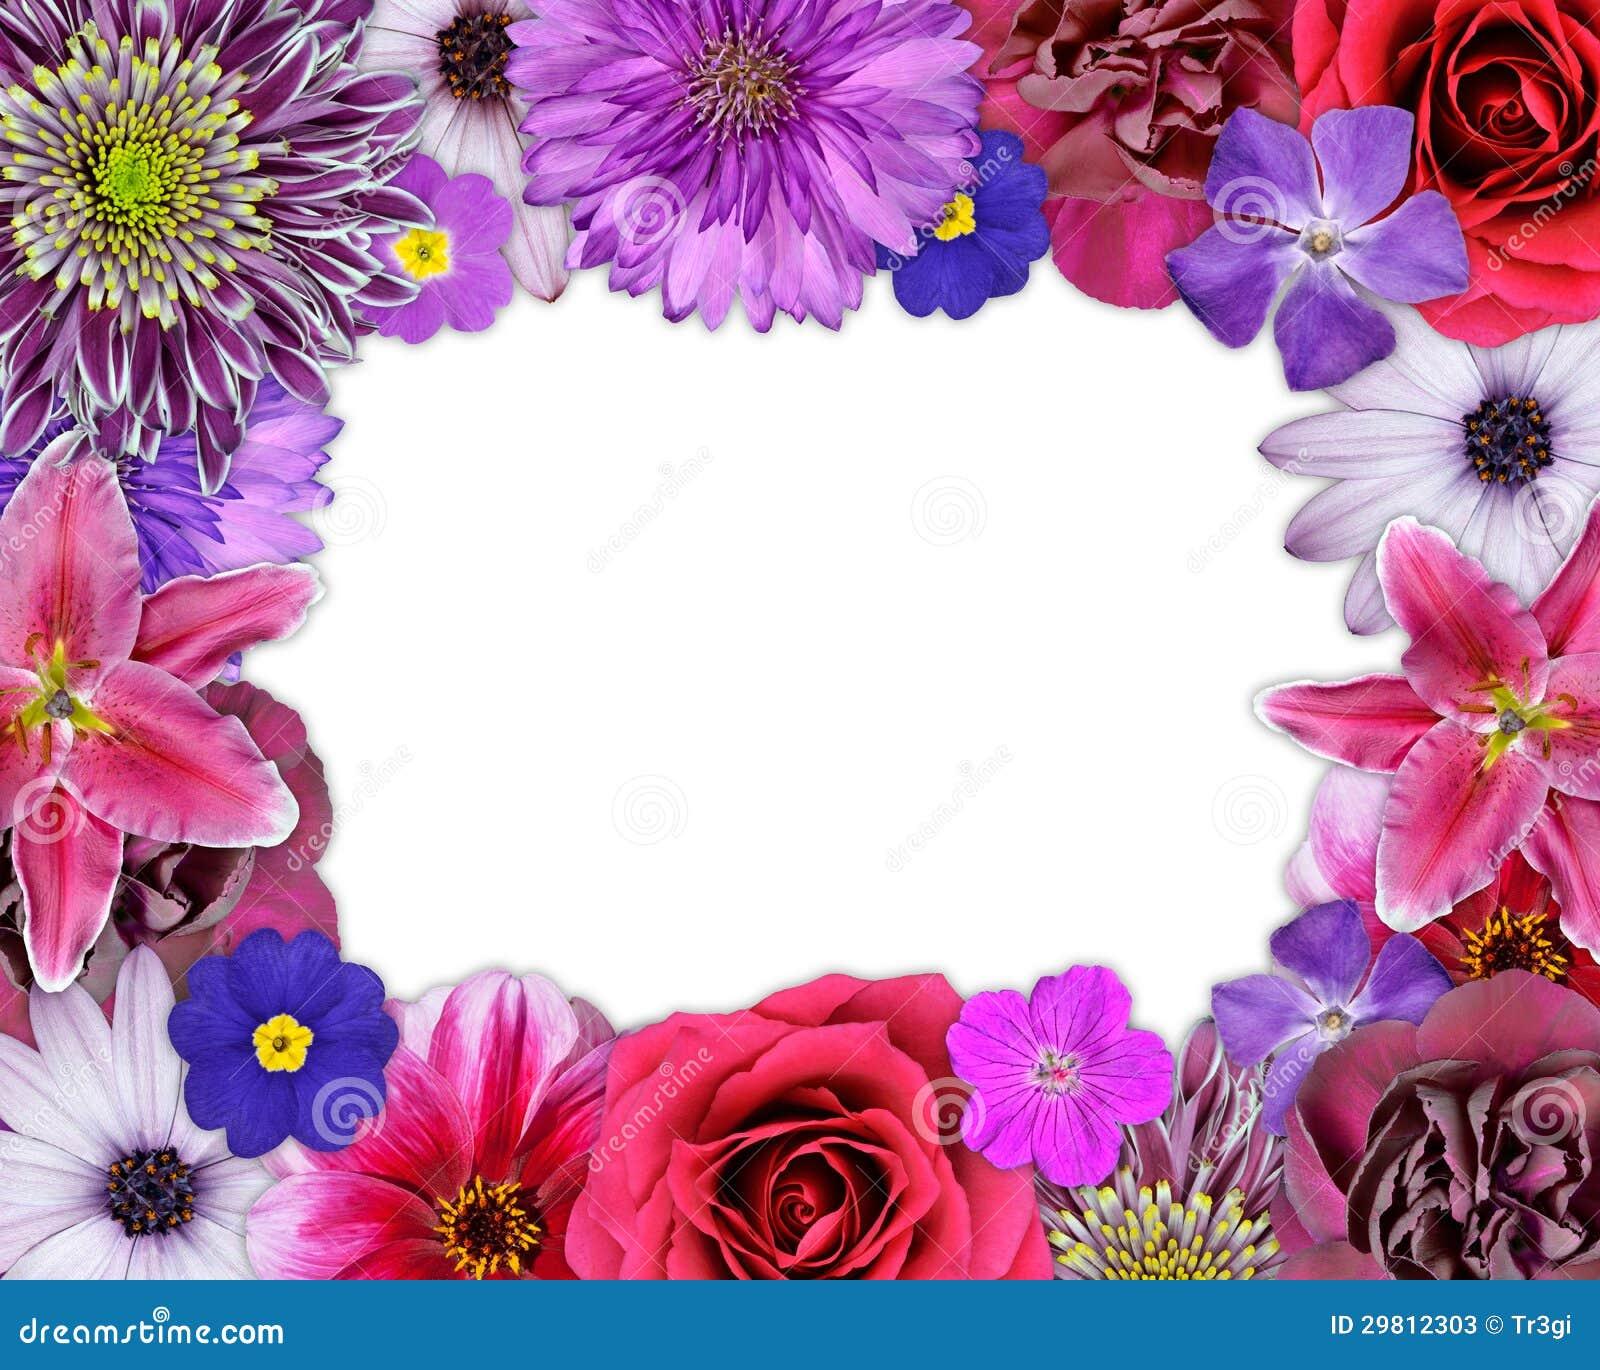 ... Rose, CornFlower, Lilie, Gänseblümchen, Chrysantheme, Dahlie